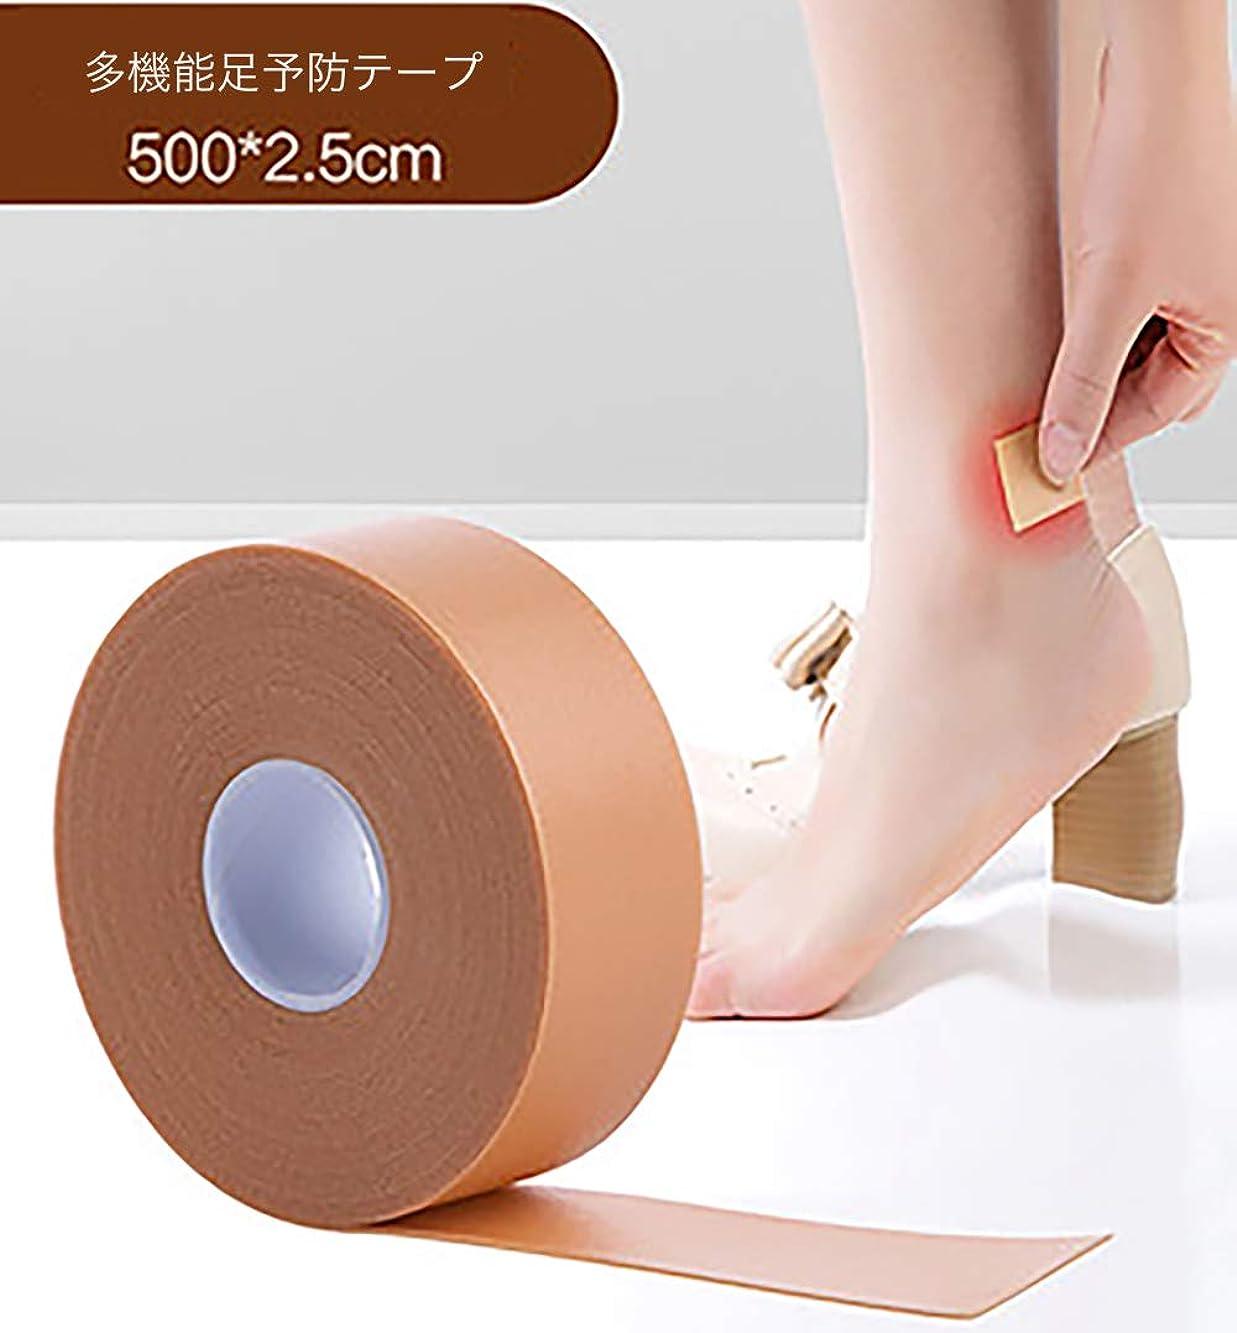 投げる米ドルその他靴擦れ くつずれ防止 靴擦れケアテープ かかと パッド フットヒールステッカーテープ 防水素材 粘着 かかと パッド テープ 足痛み軽減 耐摩耗 痛み緩和 伸縮性抜群 男女兼用 (1個セット)